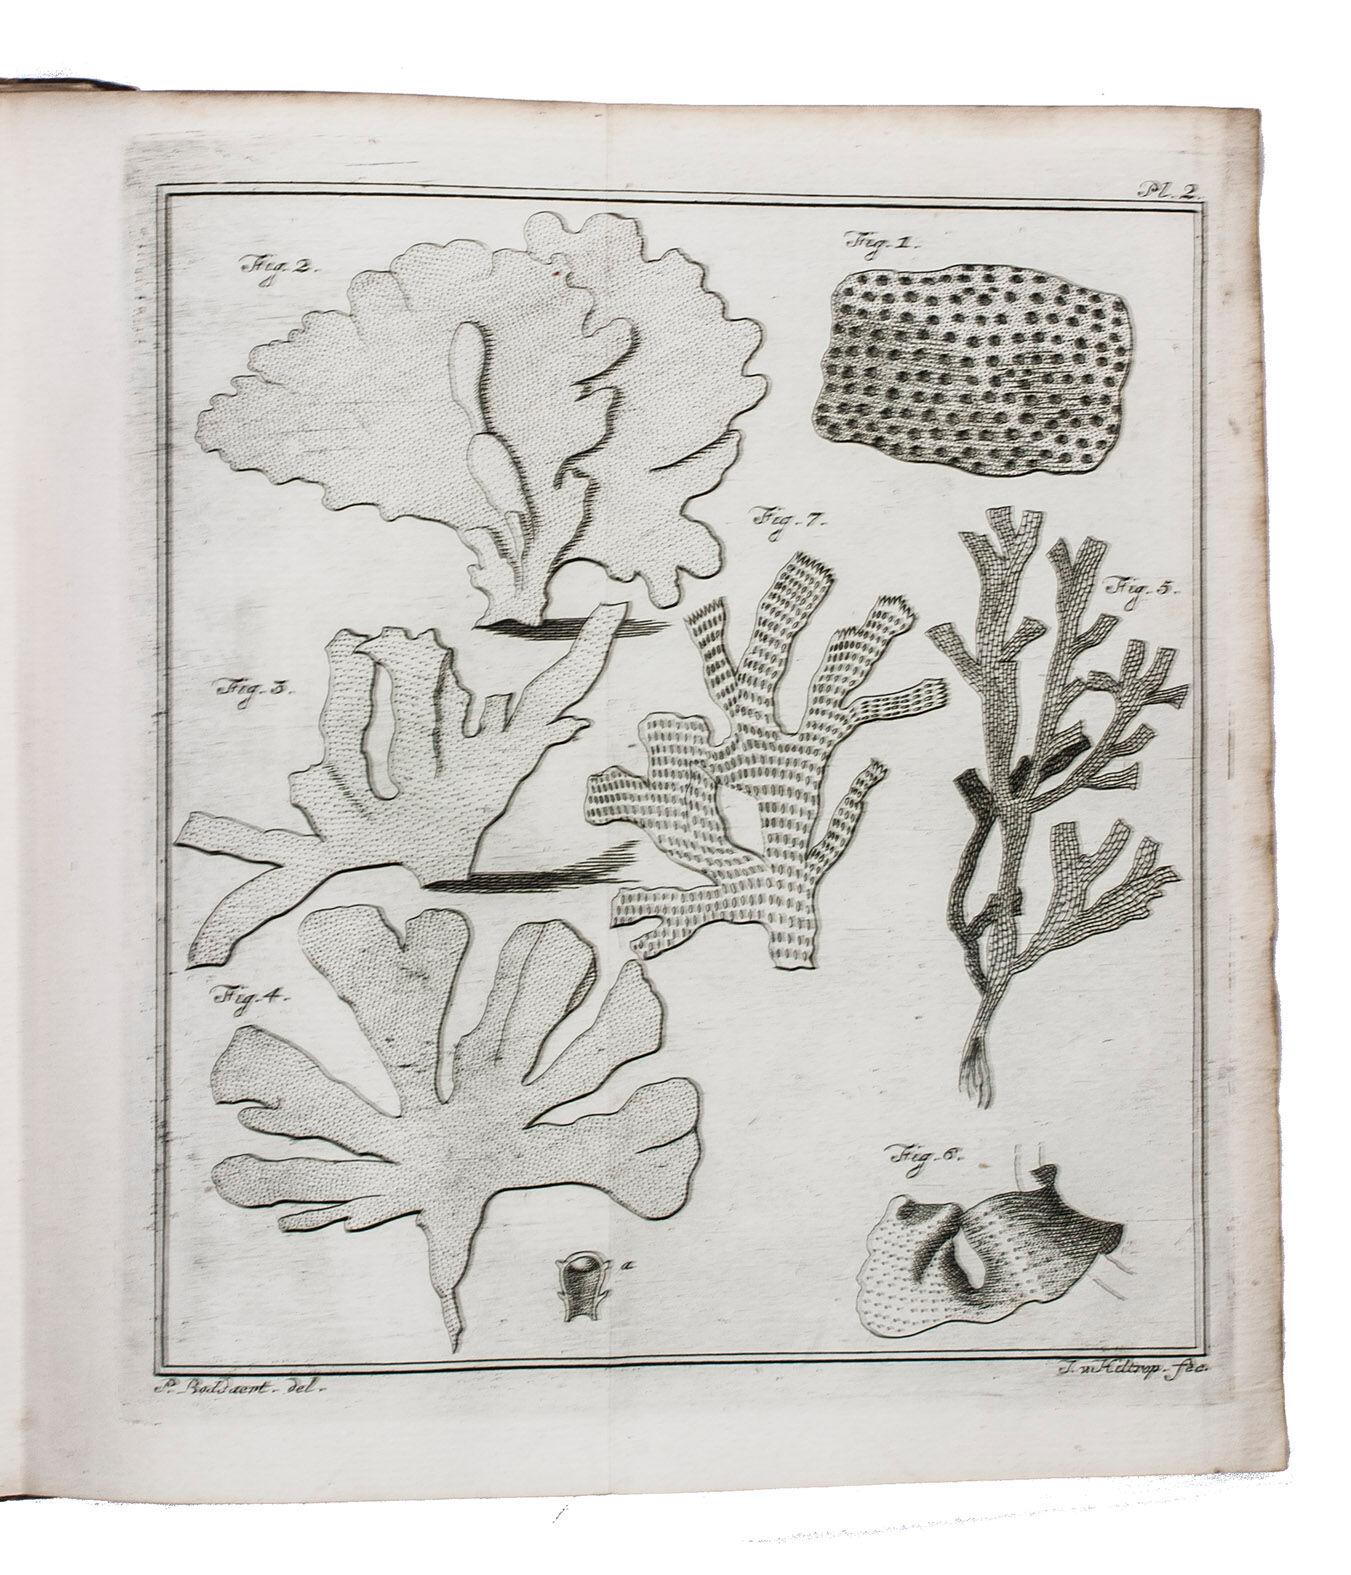 Lyst der plant-dieren, bevattende de algemeene schetzen der geslachten en korte beschryvingen der bekende zoorten. . Vertaald, en met aanmerkingen en